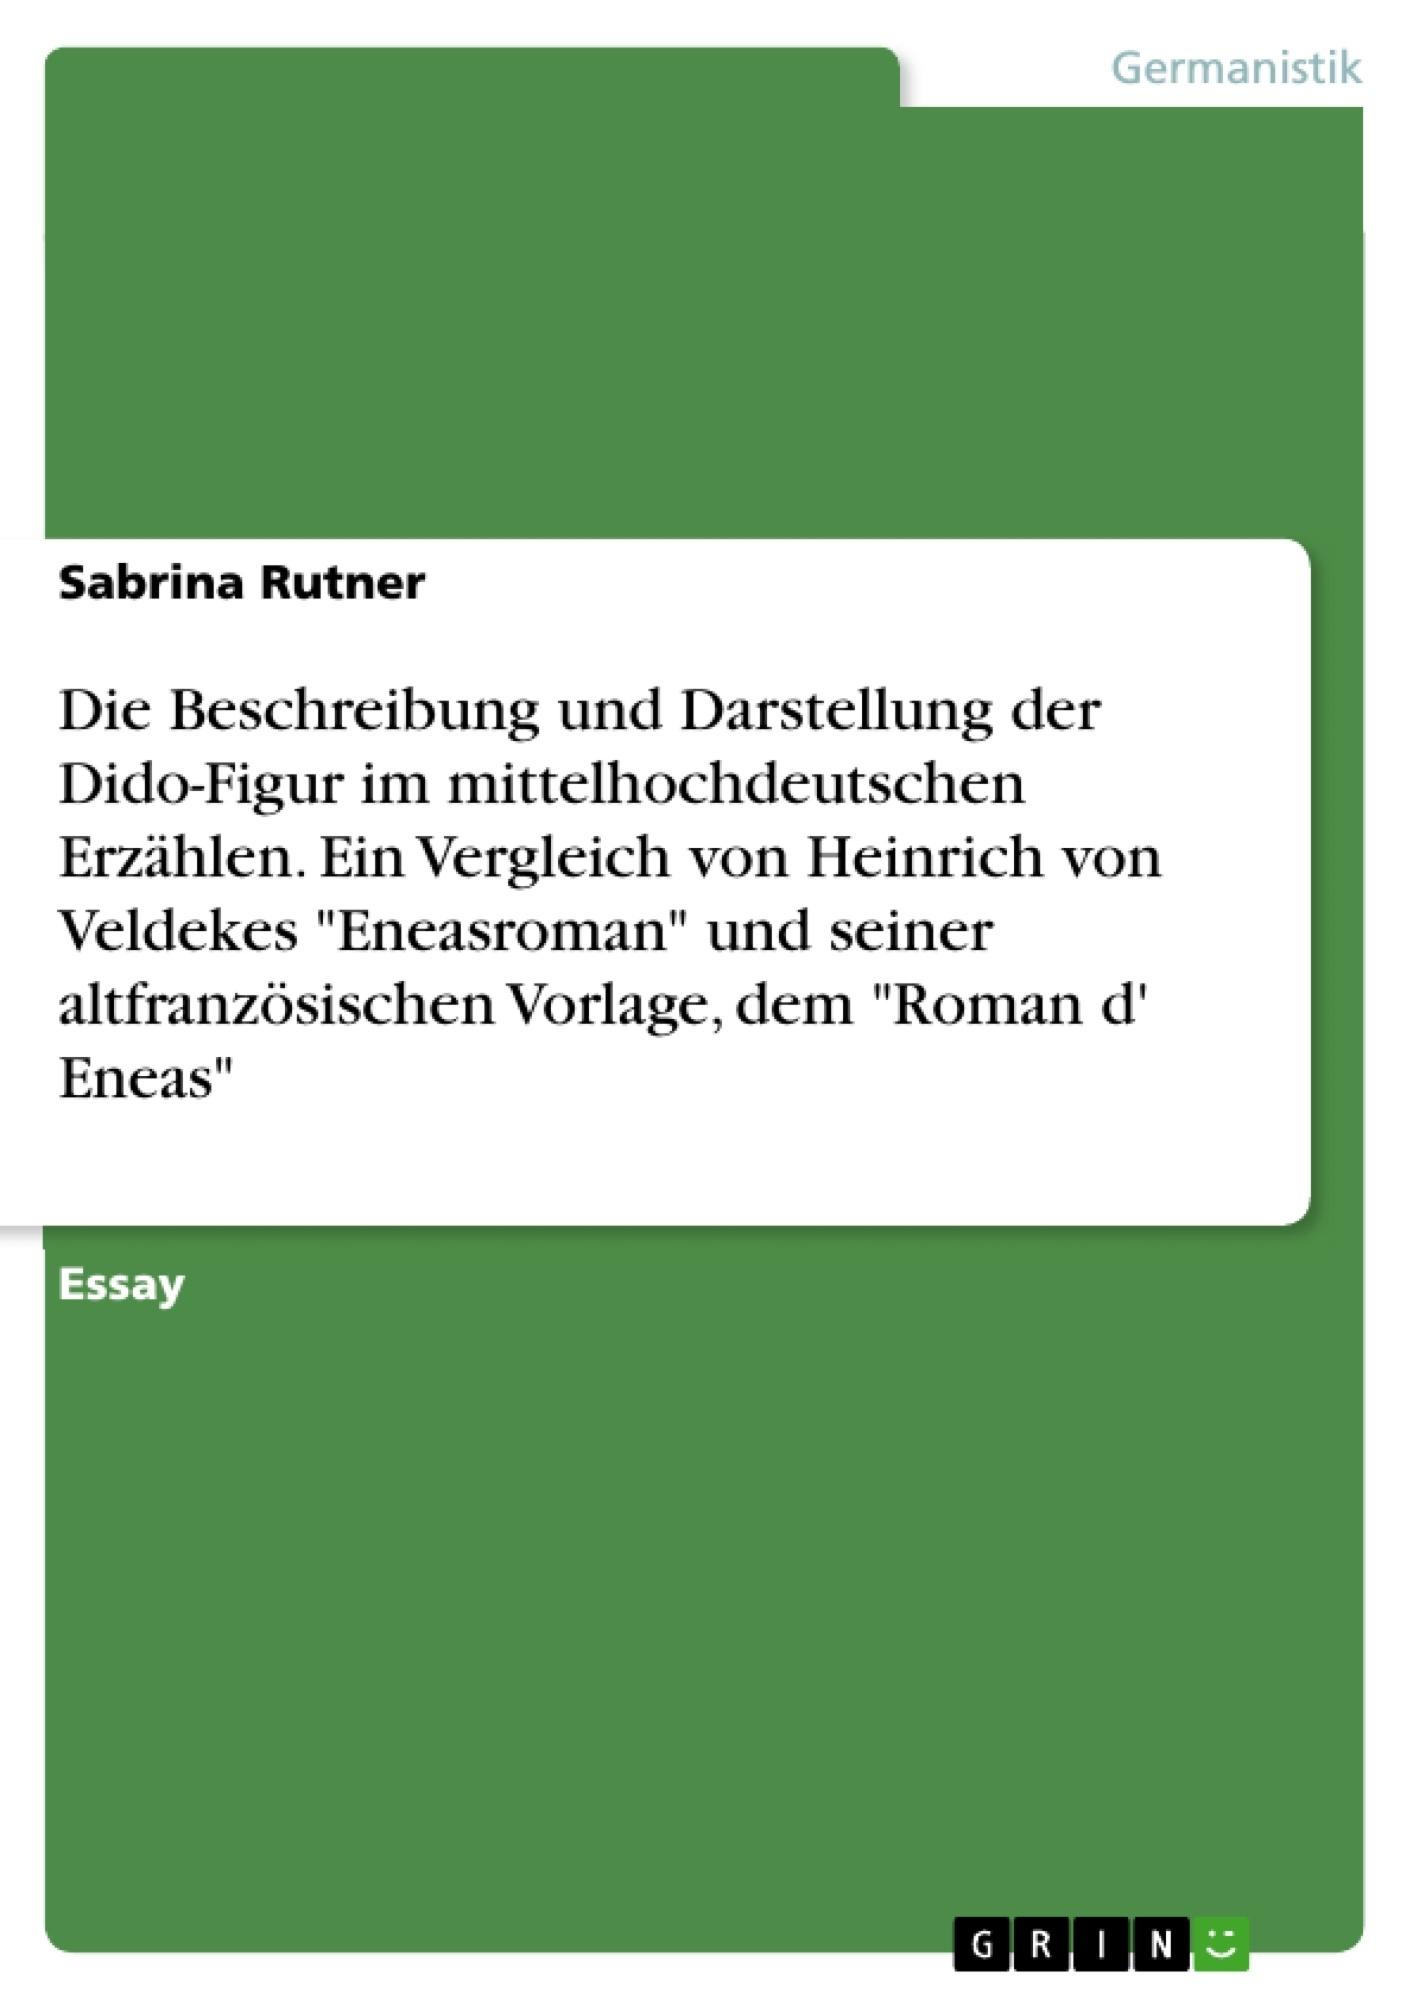 """Titel: Die Beschreibung und Darstellung der Dido-Figur im mittelhochdeutschen Erzählen. Ein Vergleich von Heinrich von Veldekes """"Eneasroman"""" und seiner altfranzösischen Vorlage, dem """"Roman d' Eneas"""""""